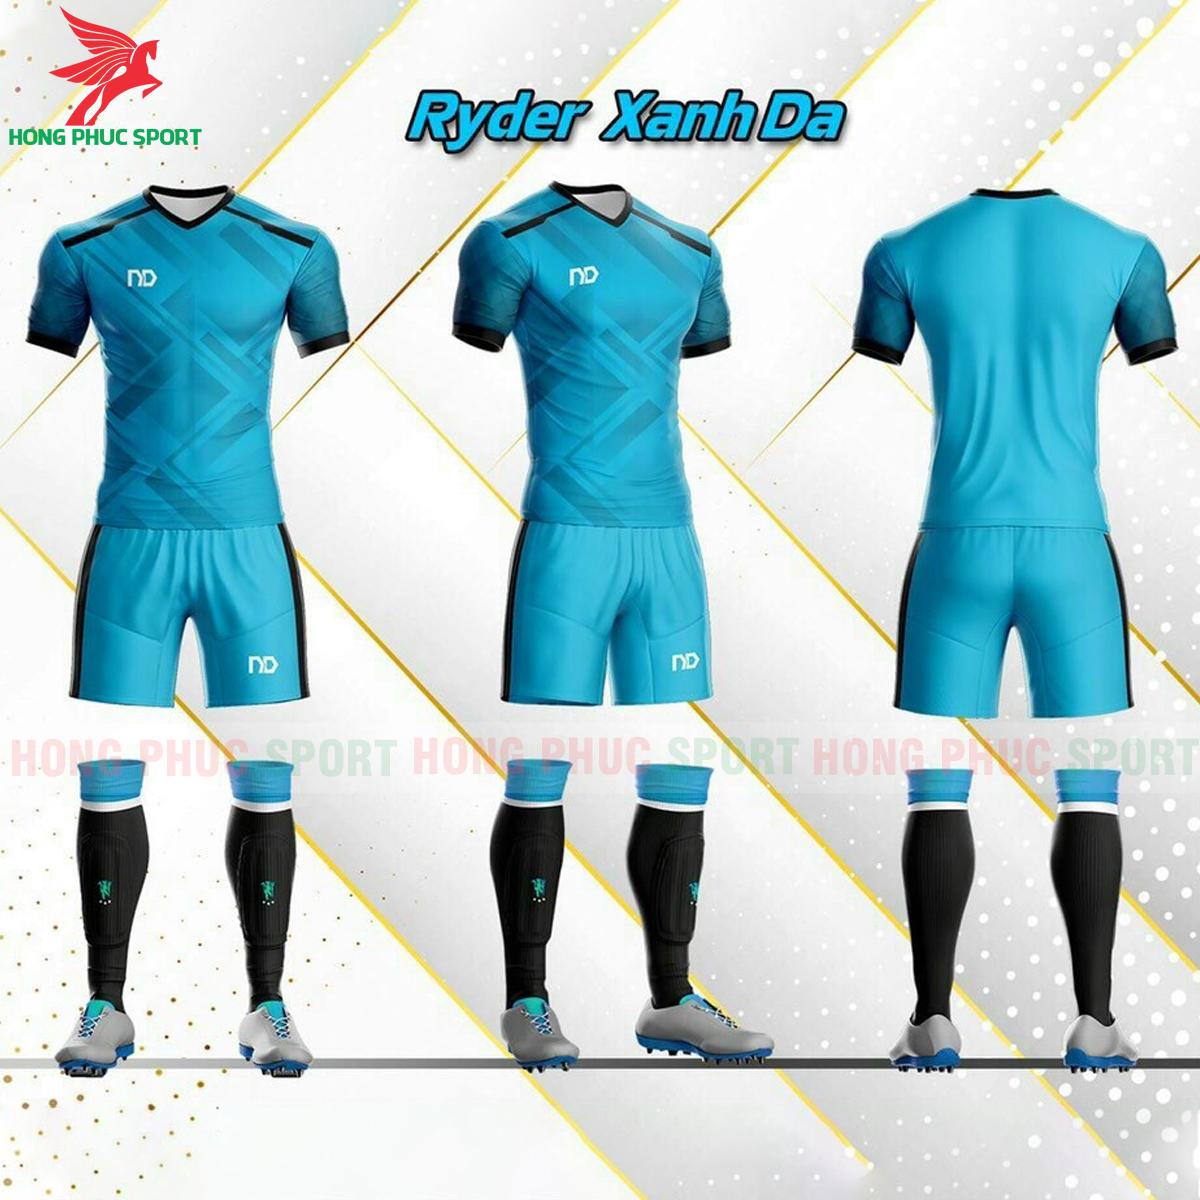 Áo đá banh không logo ND Ryder2021 màu xanh da